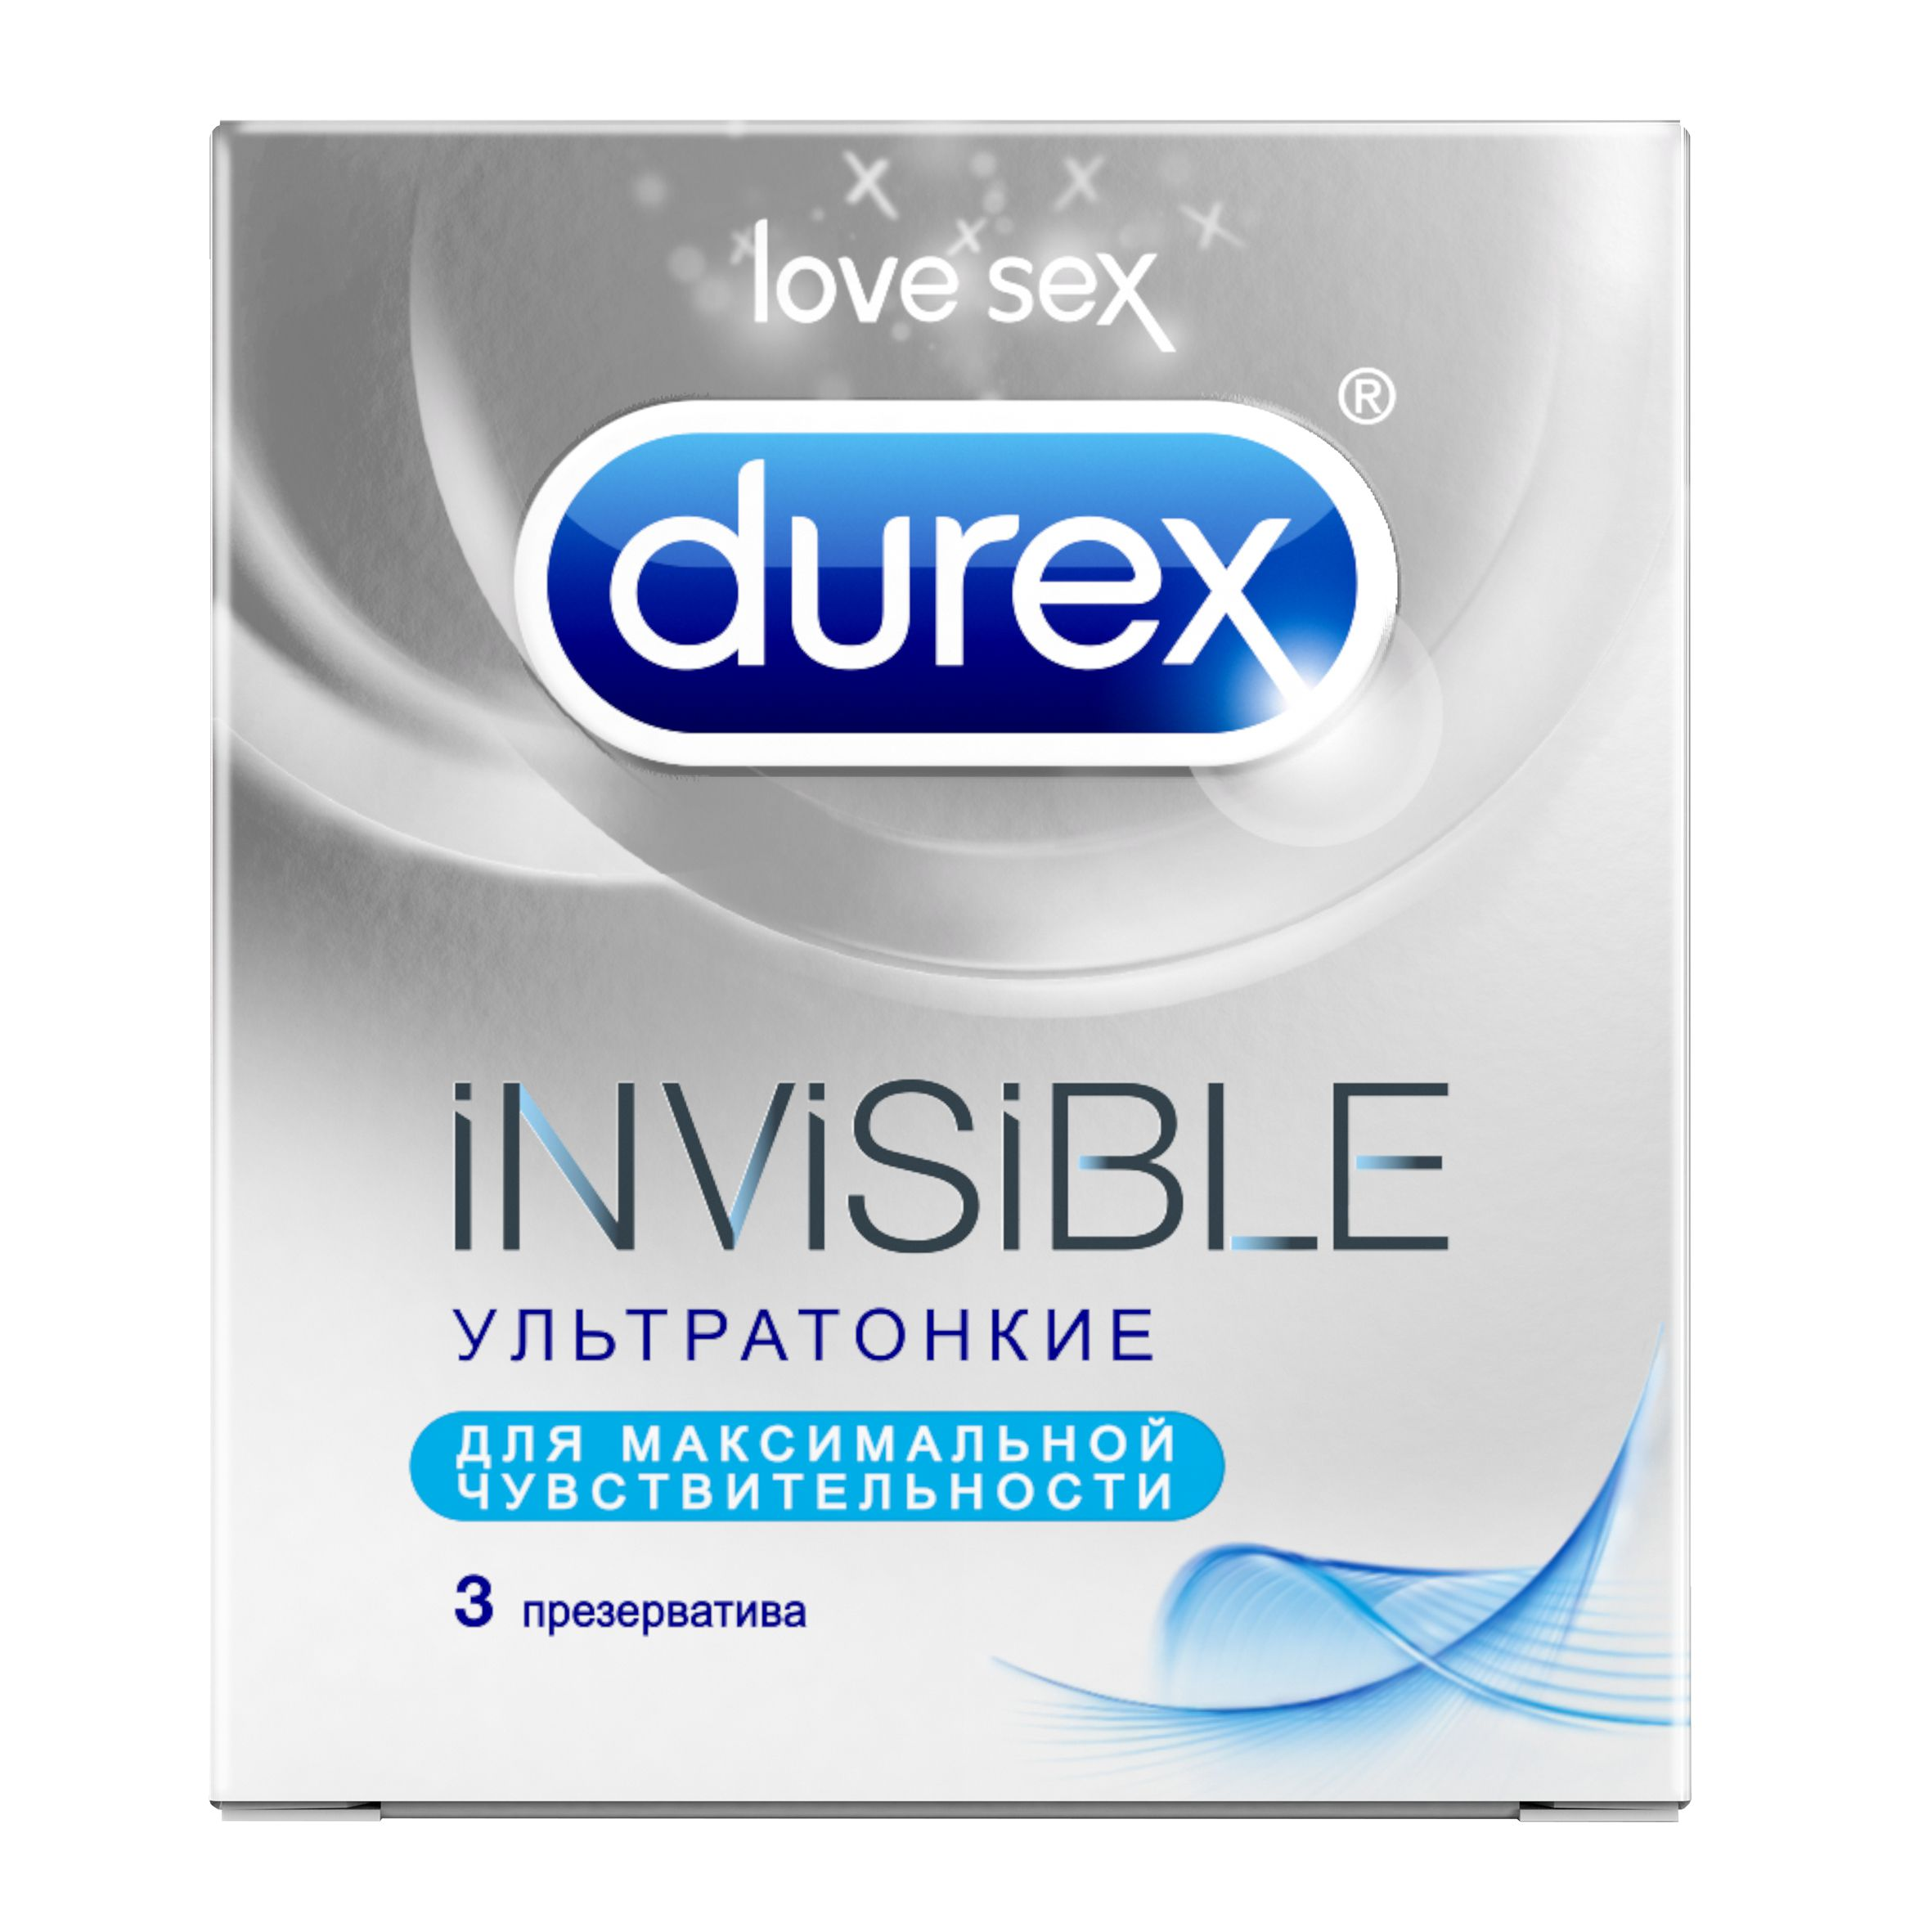 Надежны ли презервативы со спермицидной смазкой